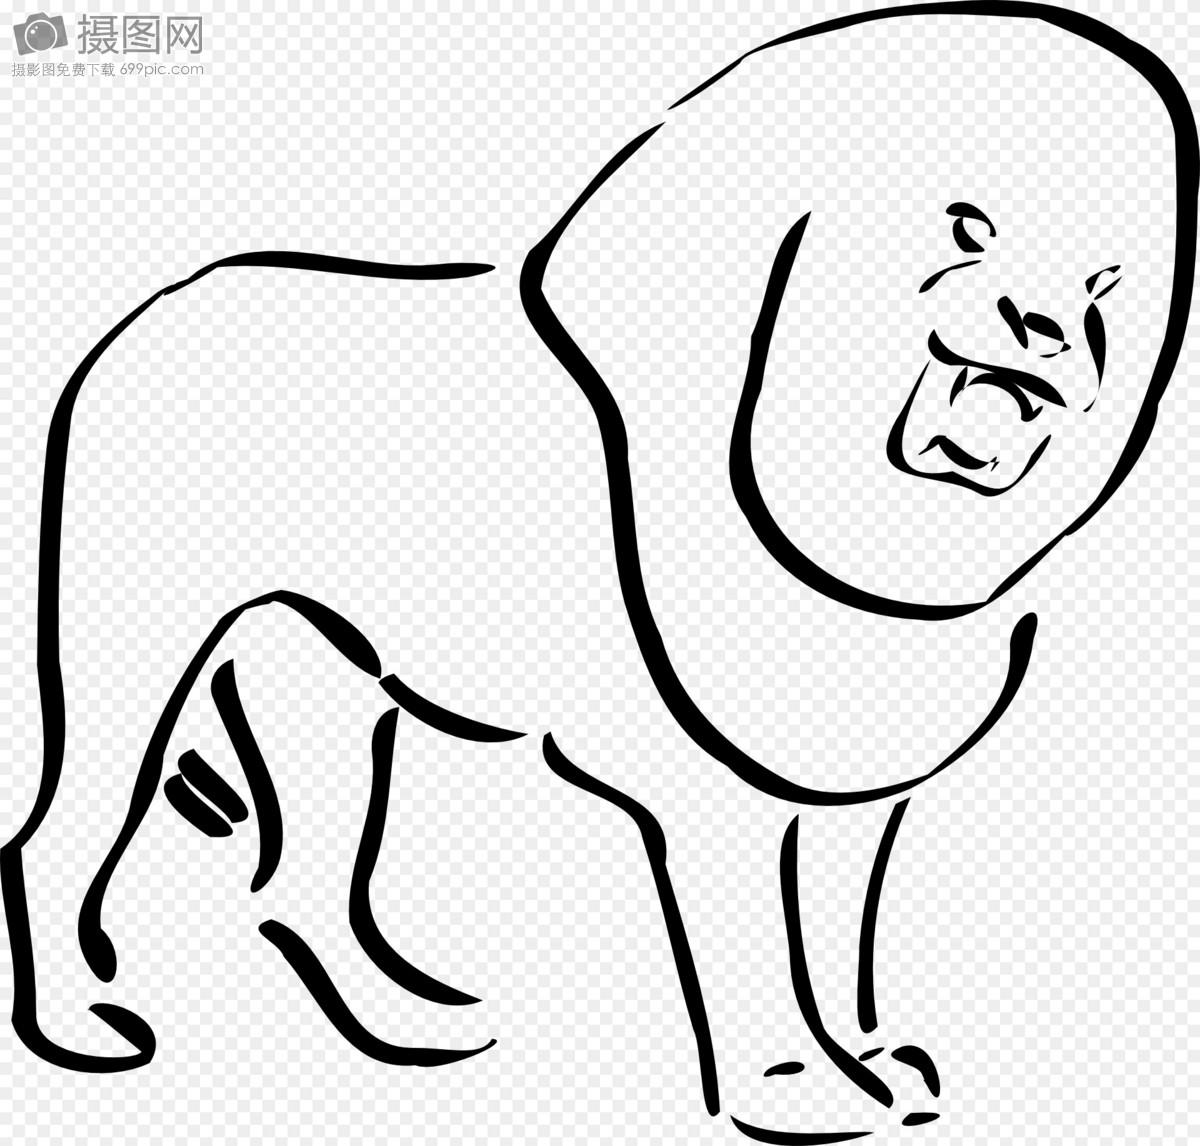 狮子简笔画摄影图片照片免费下载